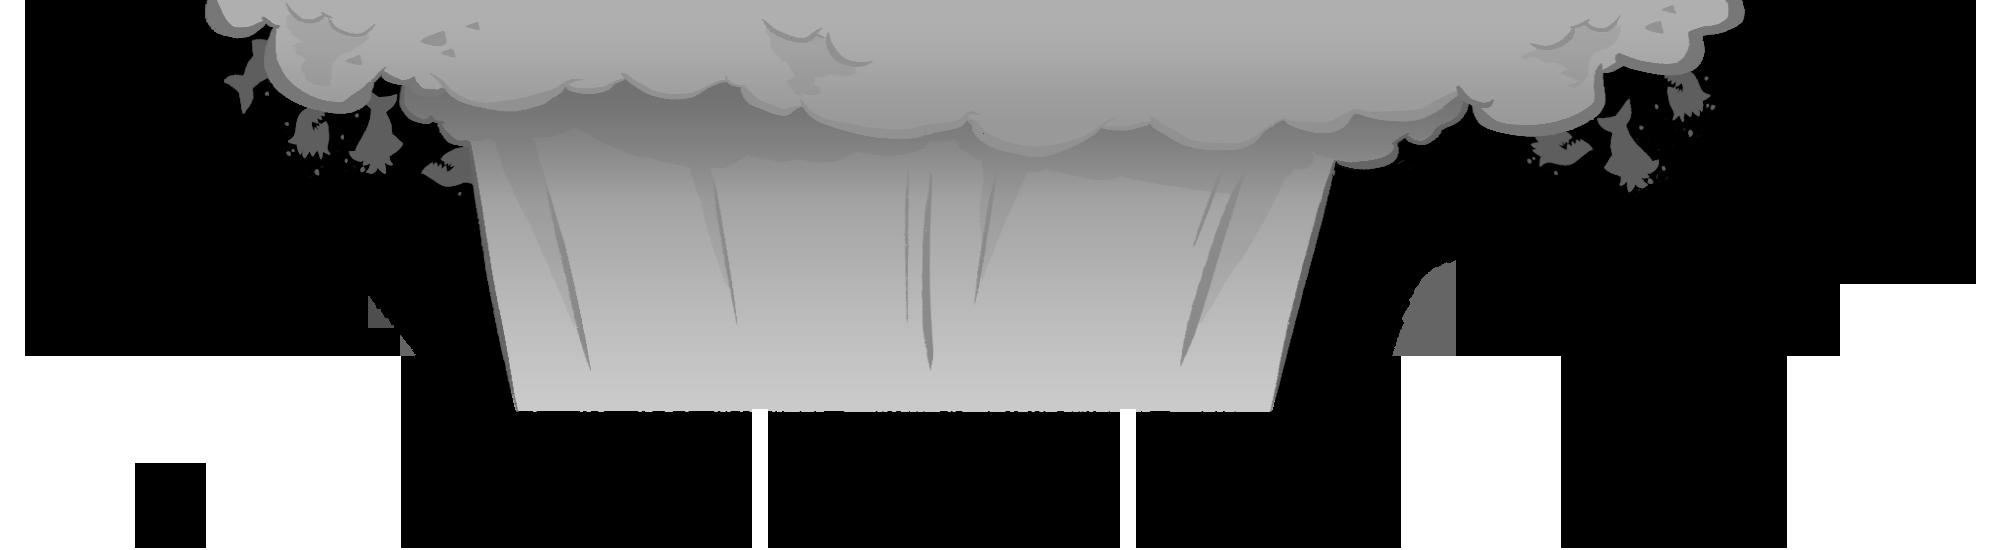 sharksplode-main-bg-3x-3